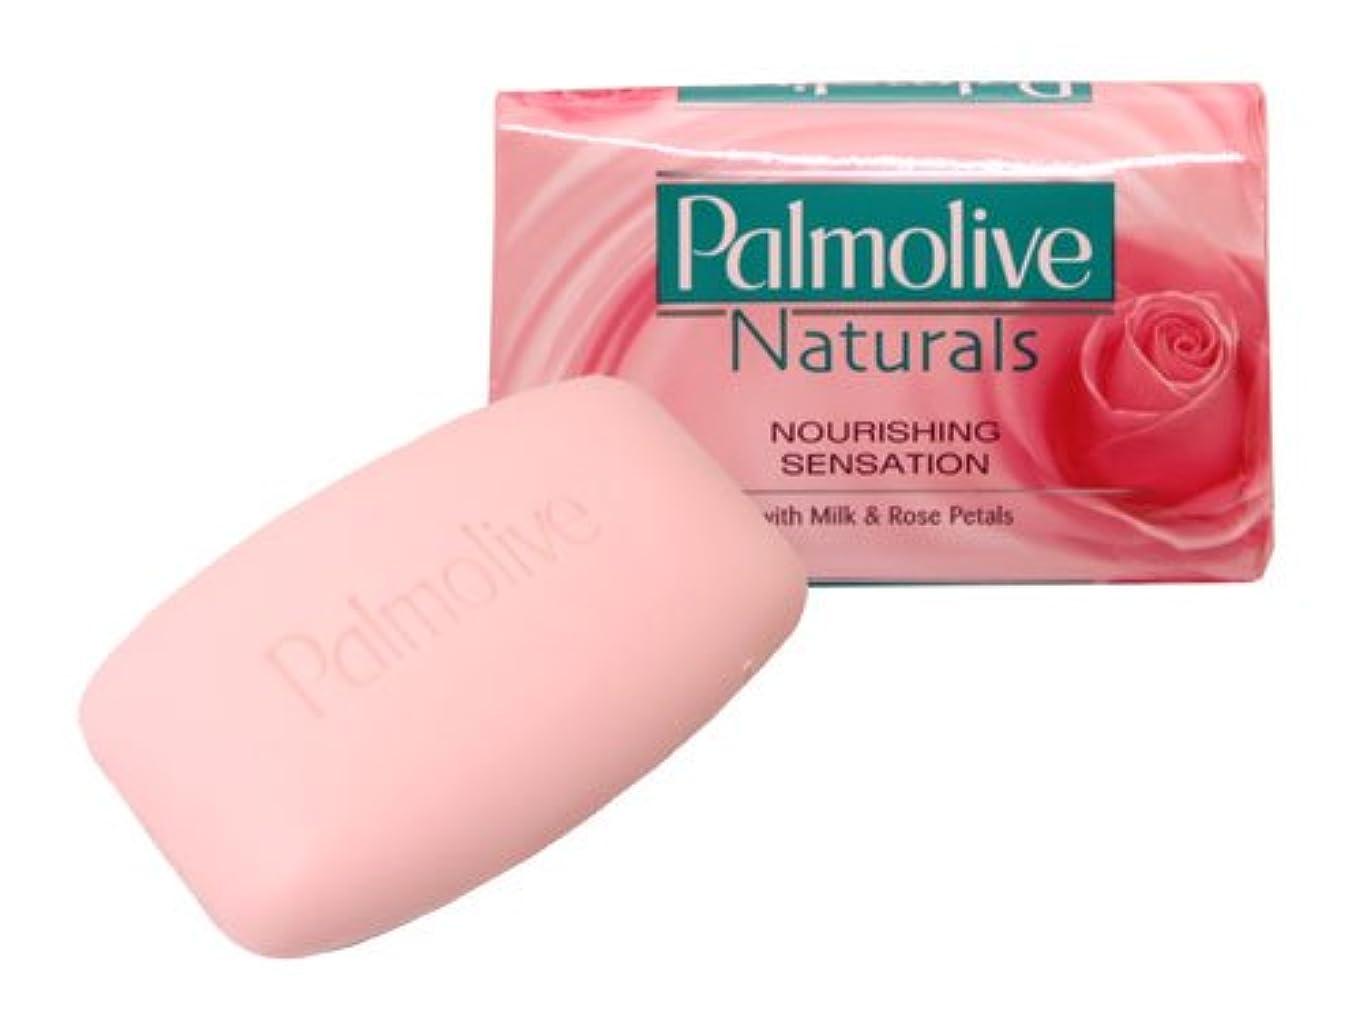 聴く頂点社説【Palmolive】パルモリーブ ナチュラルズ石鹸3個パック(ミルク&ローズ)